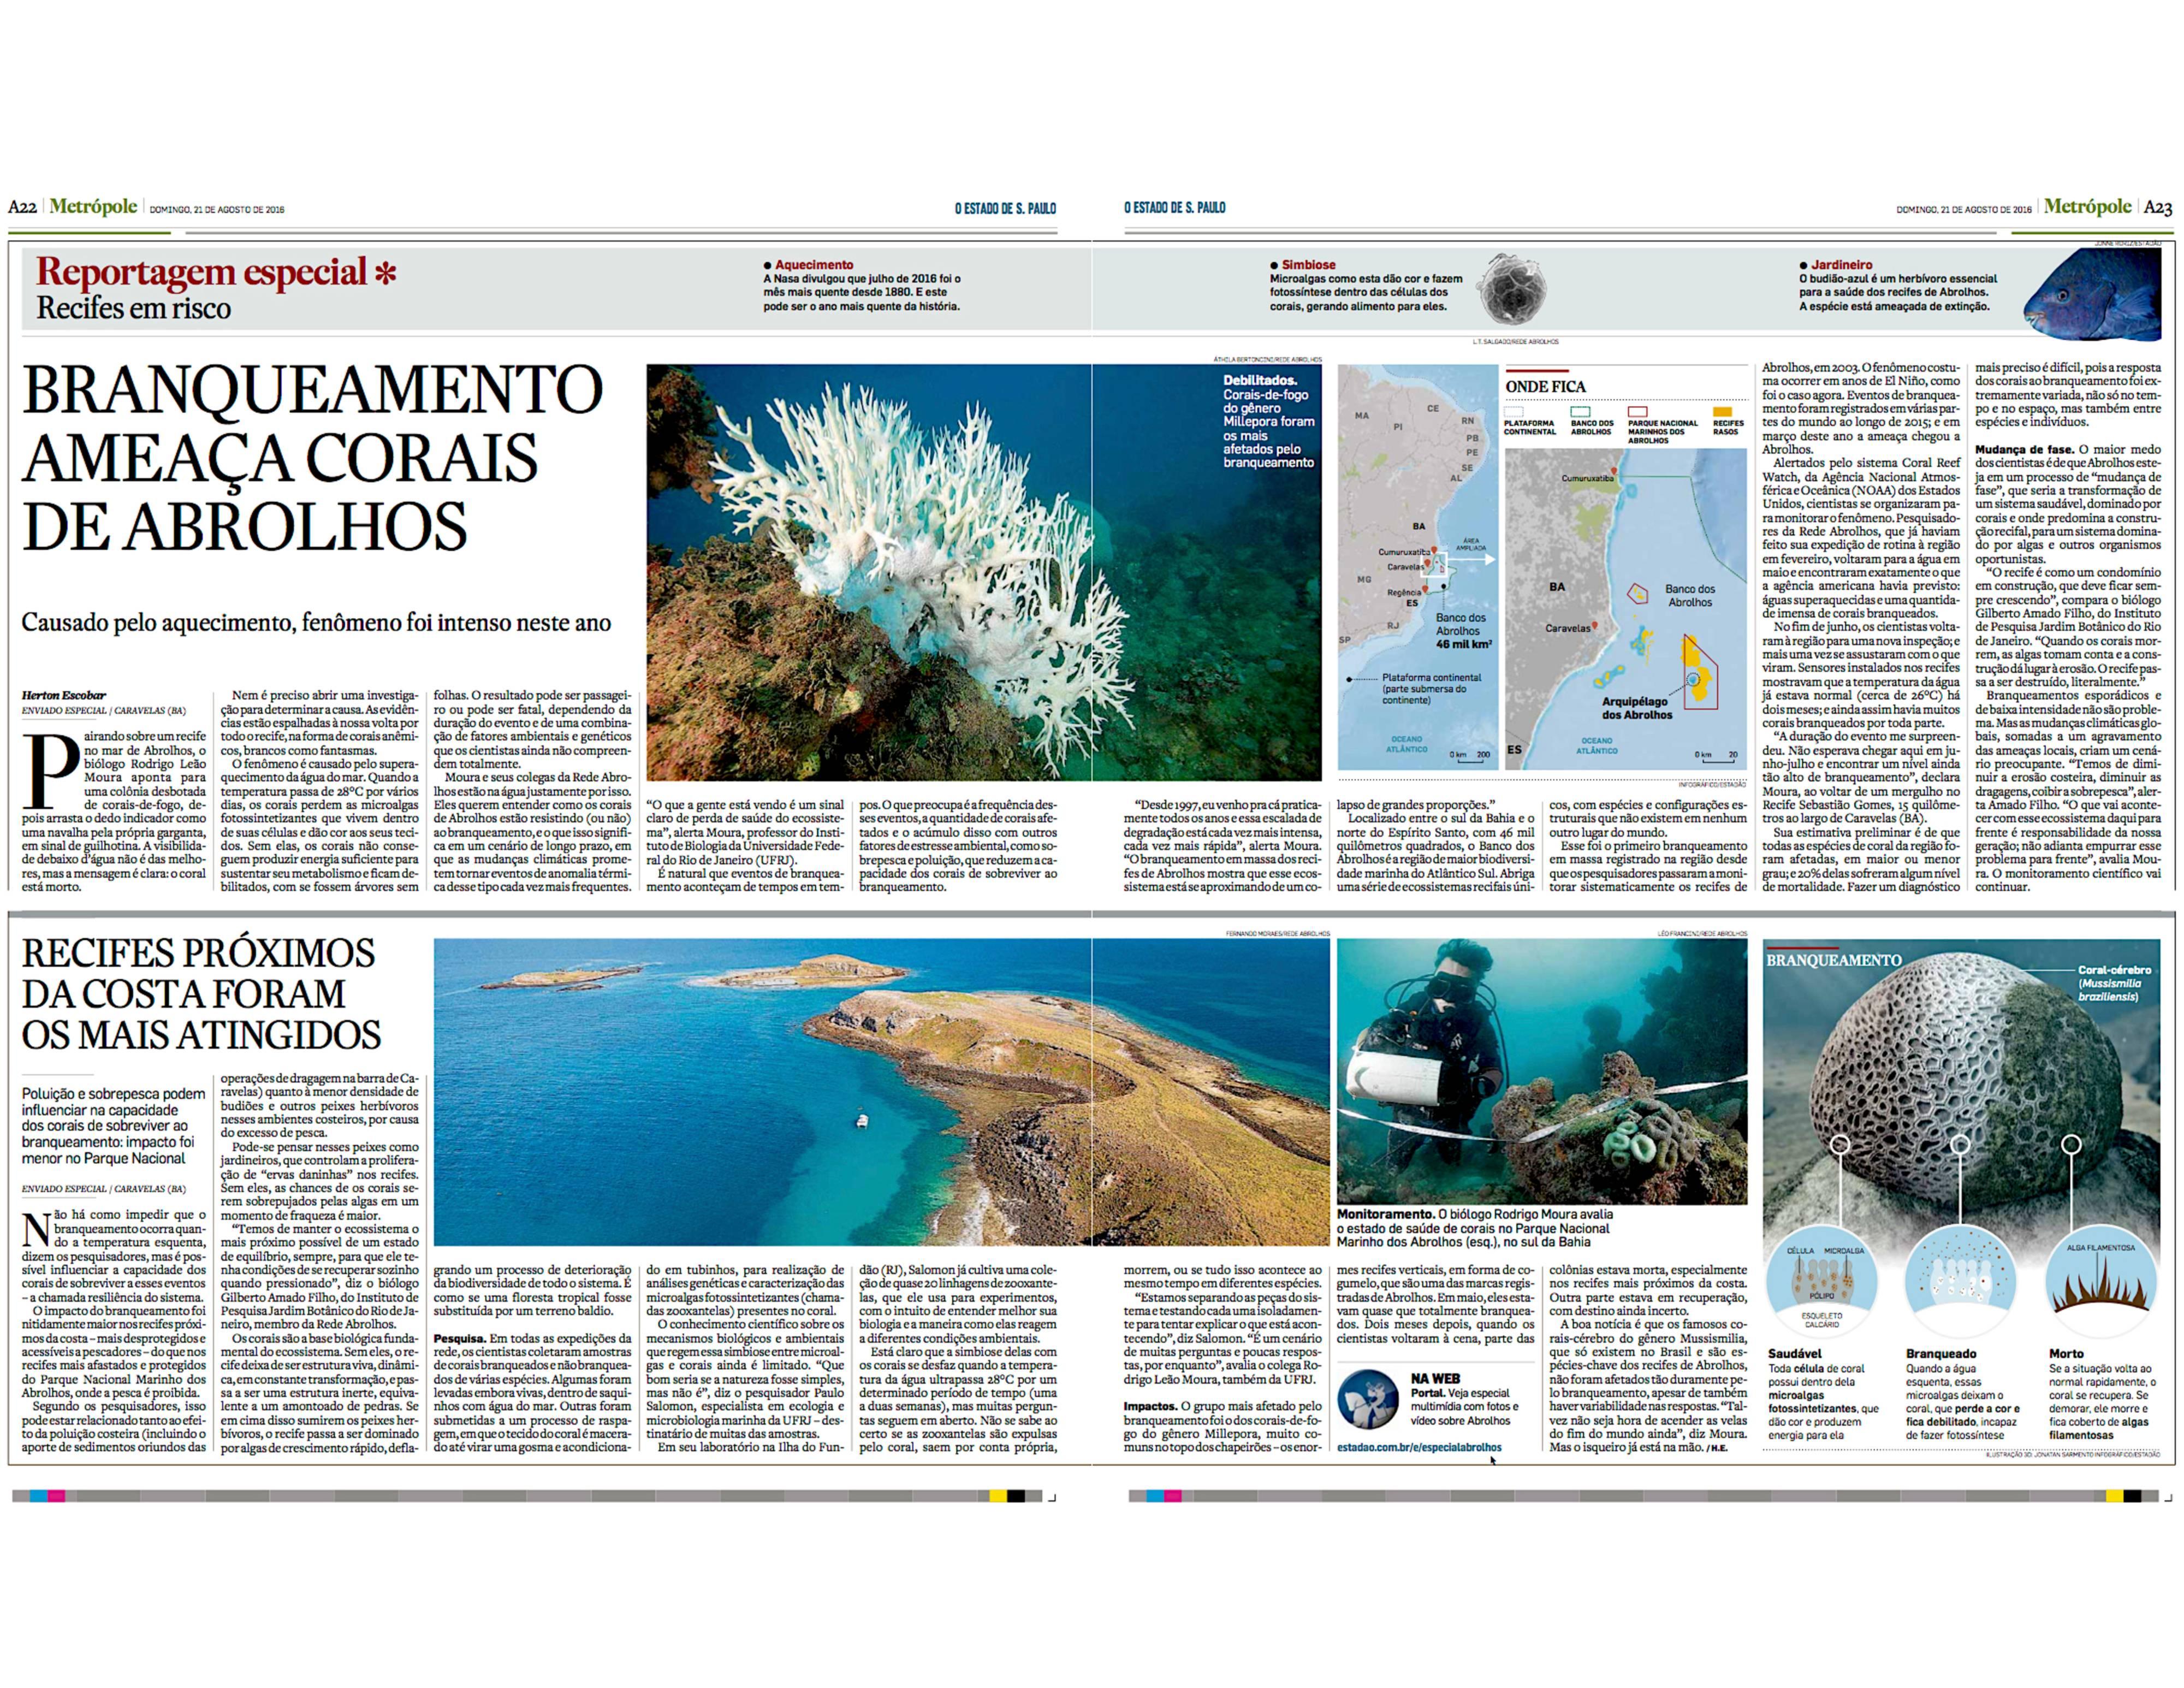 Branqueamento ameaça recifes de Abrolhos